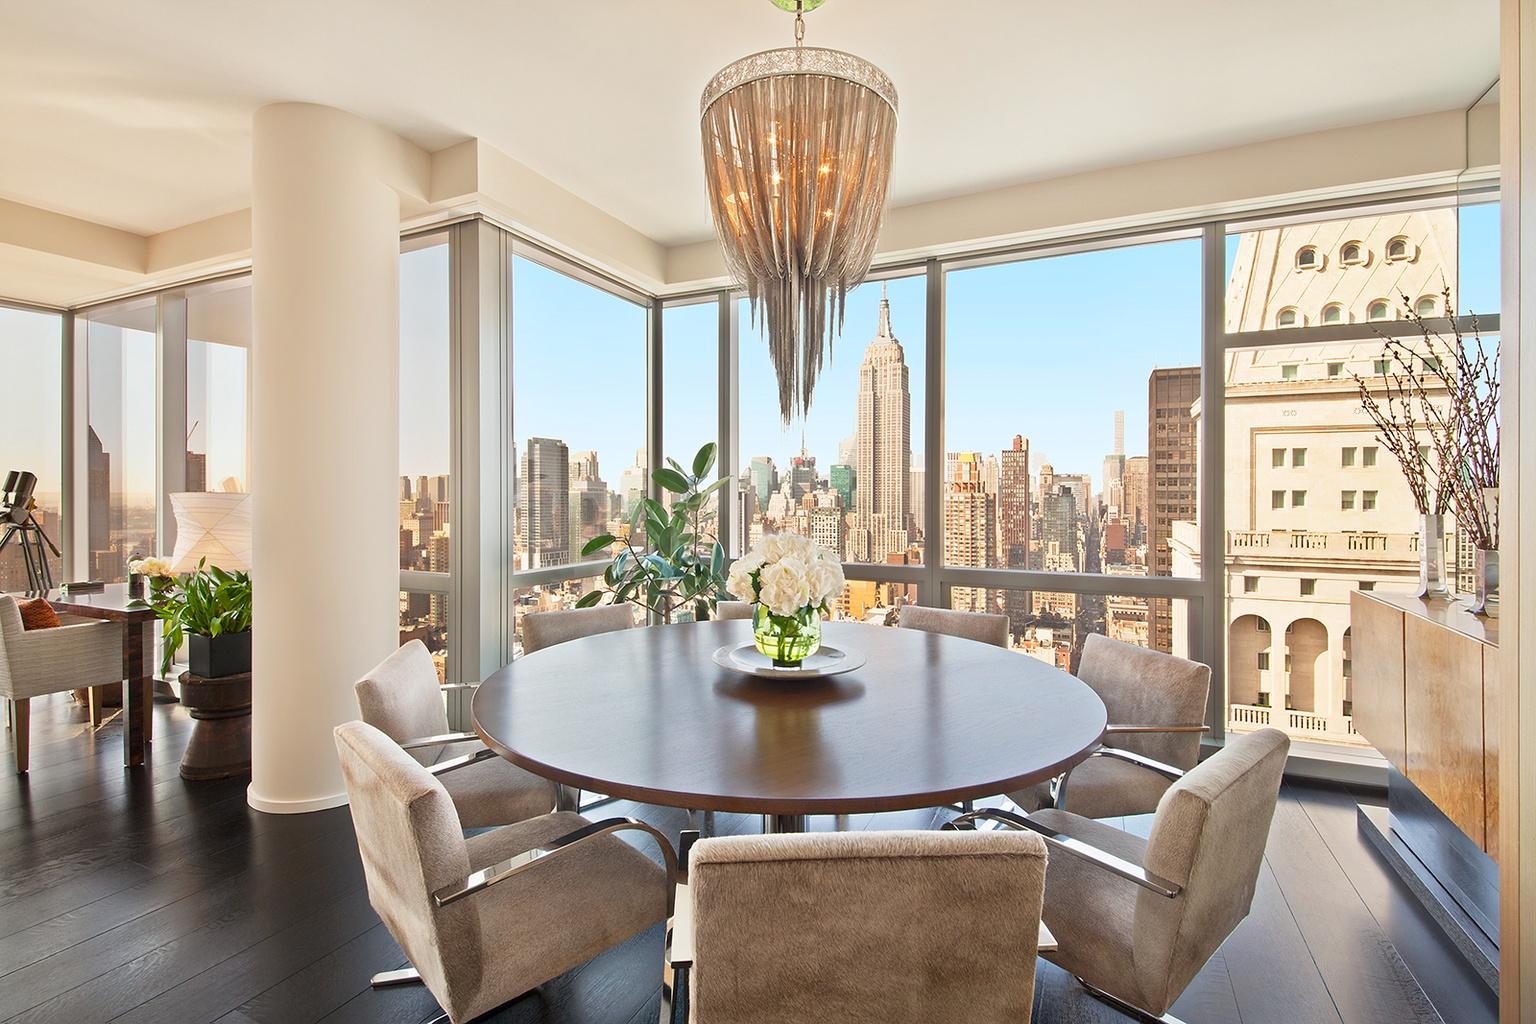 Gisele bundchen vende lo spettacolare attico di new york for Attico new york vendita